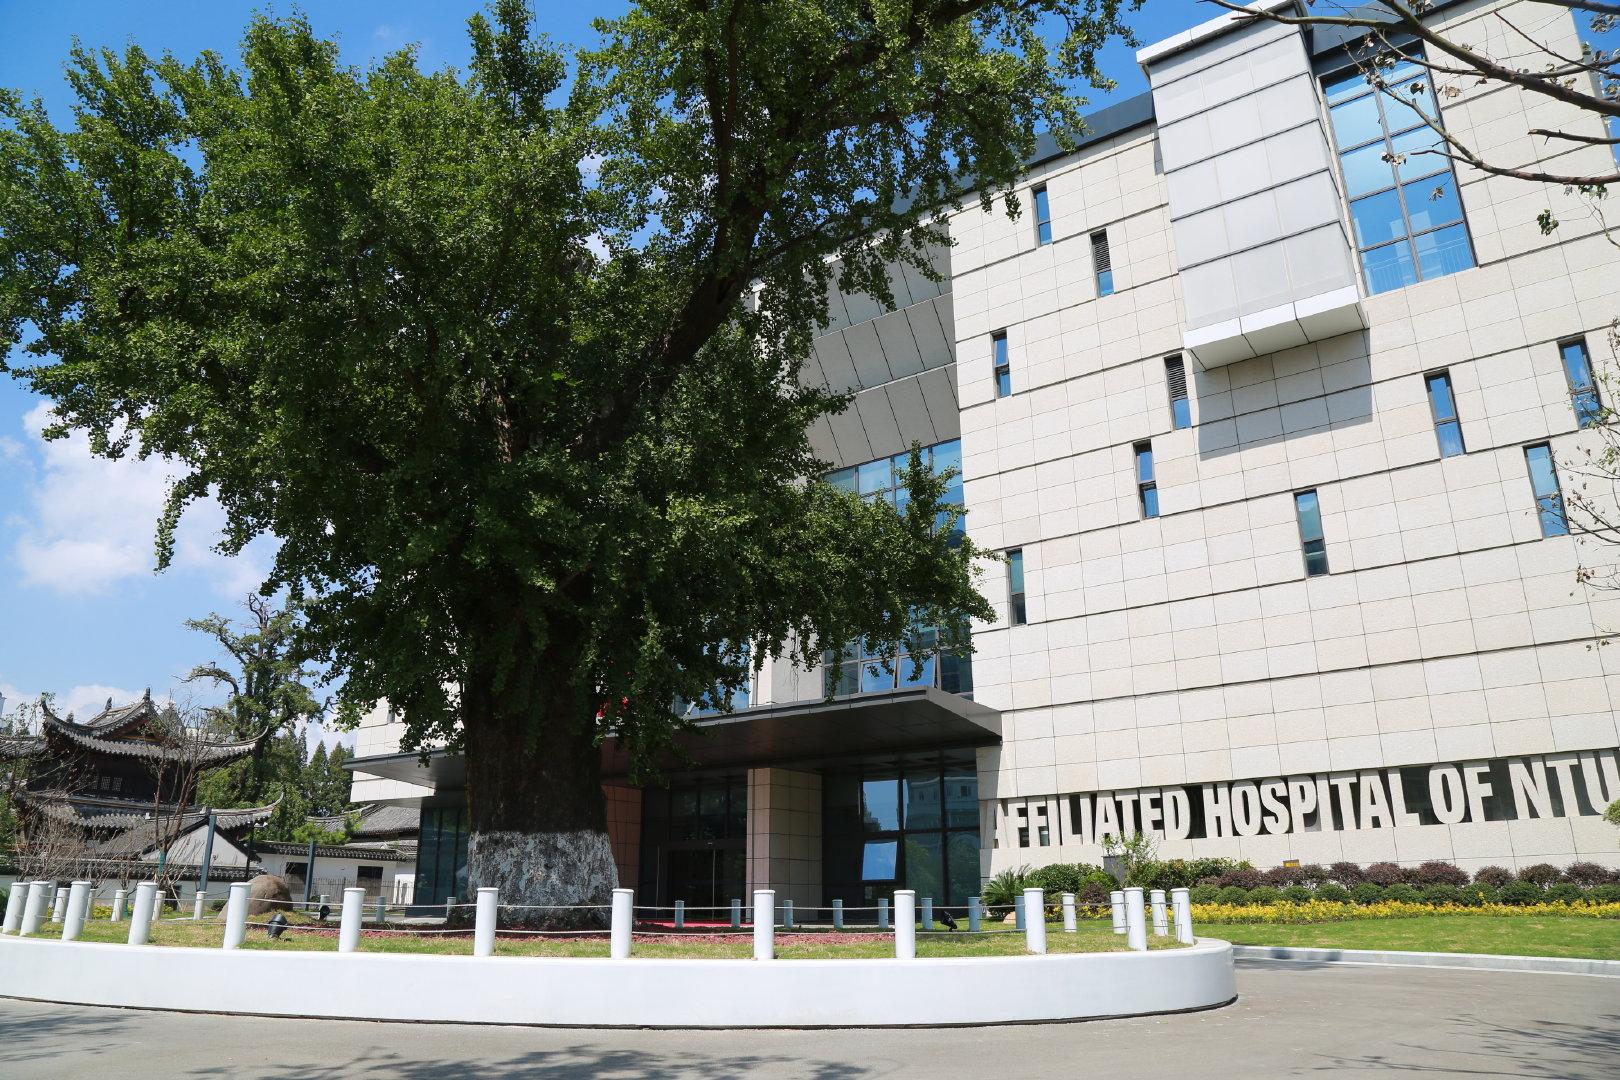 南通大学附属医院新门诊楼明日(2019年9月22日)启用  ▇裙楼4层、主